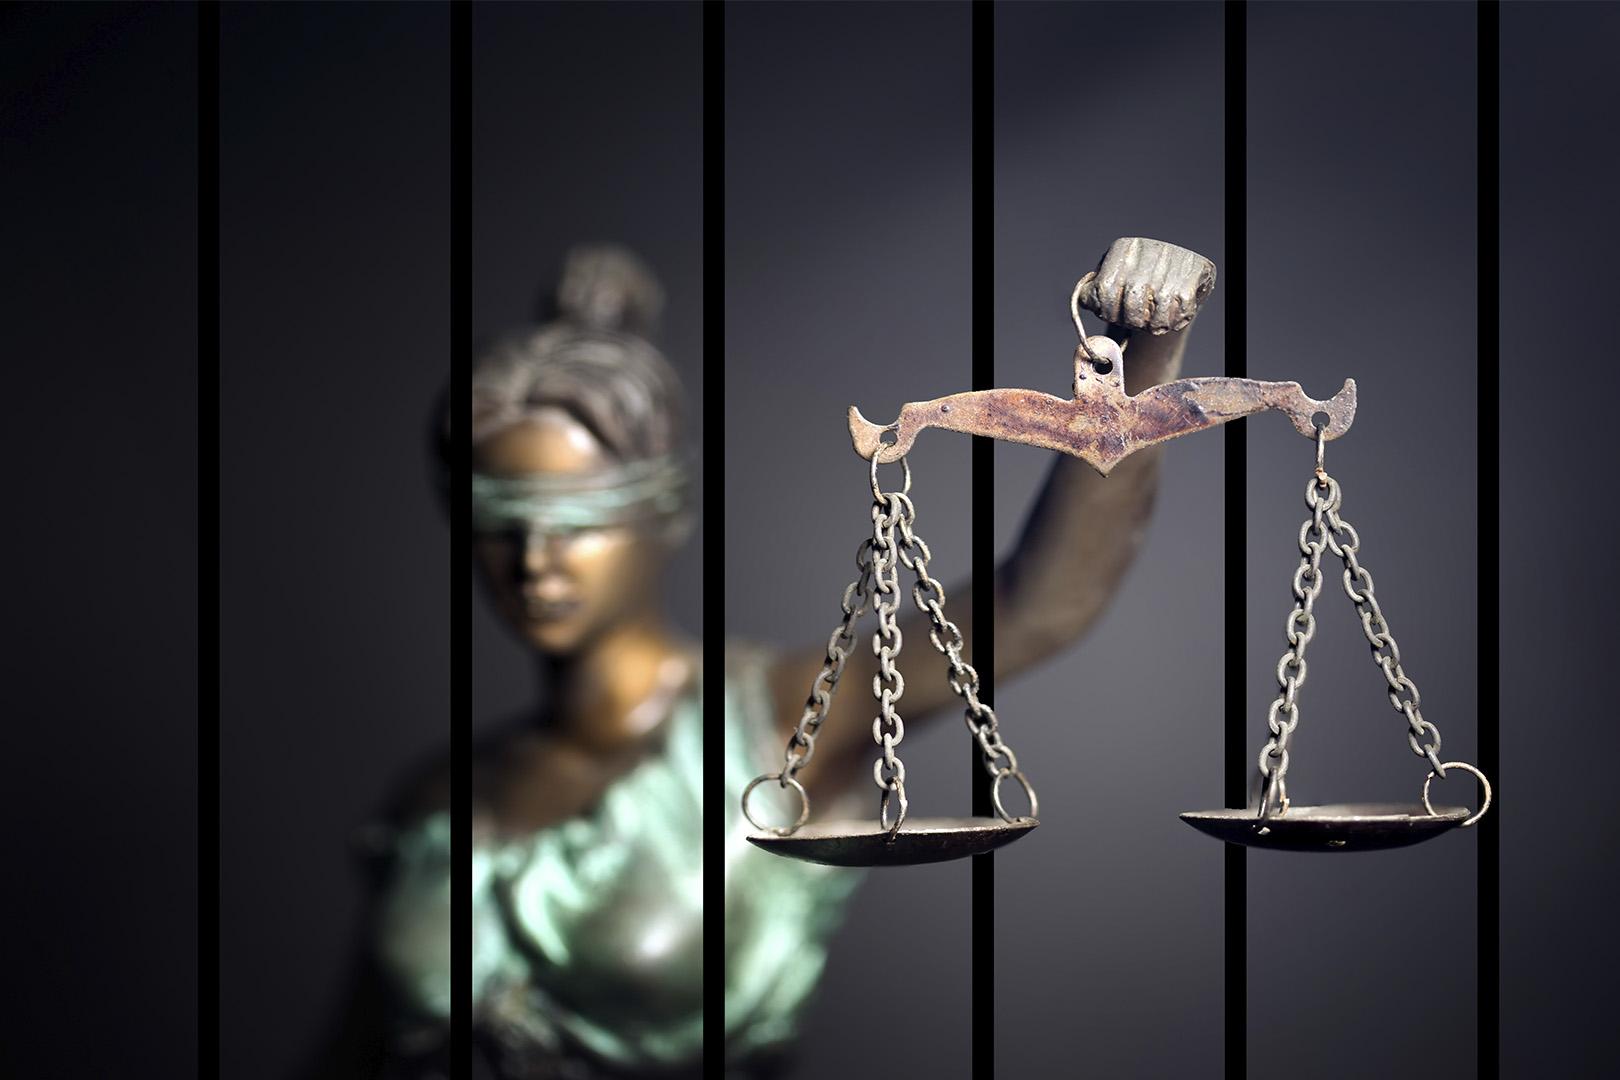 Acusados de latrocínio contra idoso na Capital são condenados